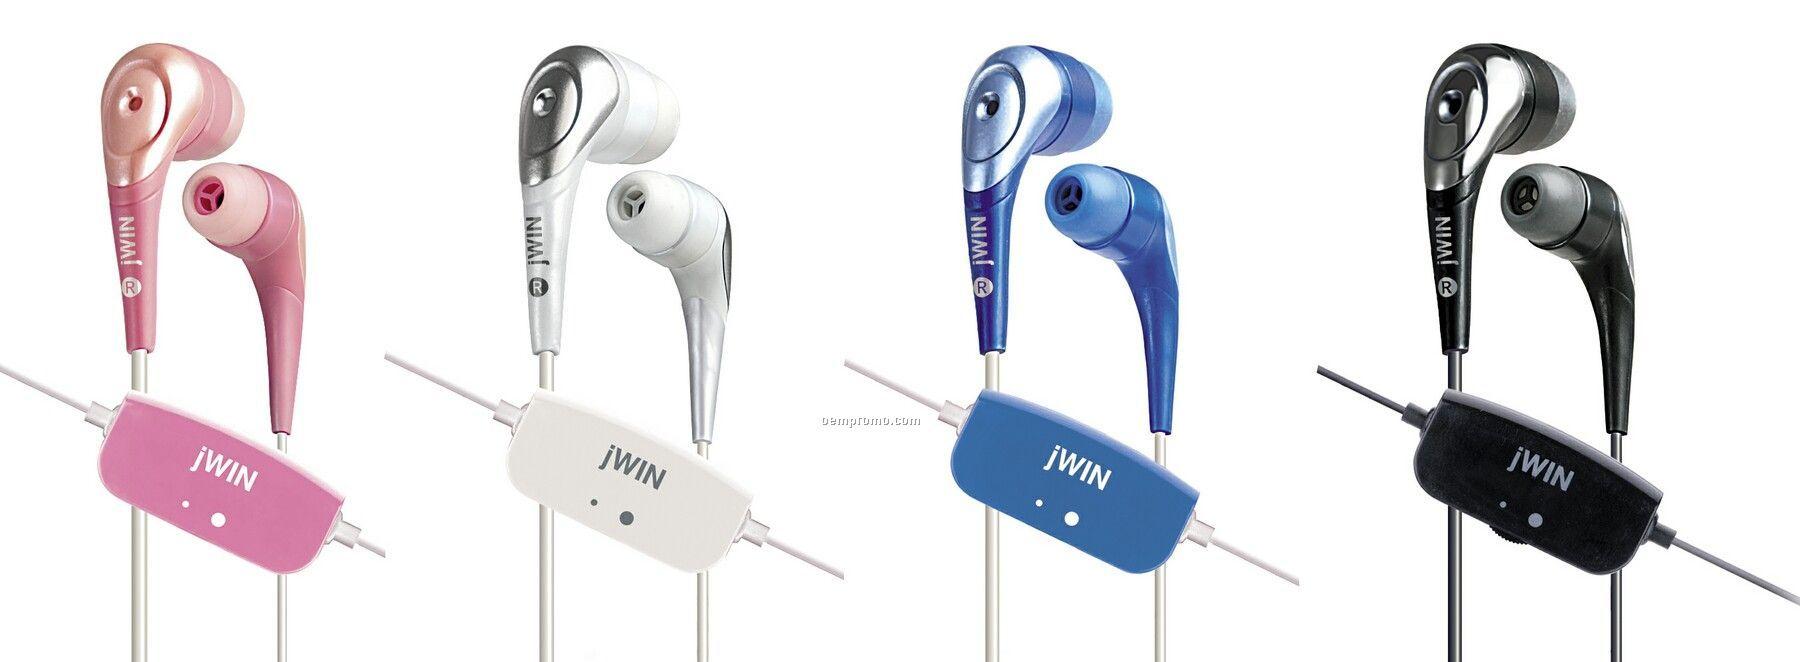 Jwin Stereo In-ear Earphones W/ Vc